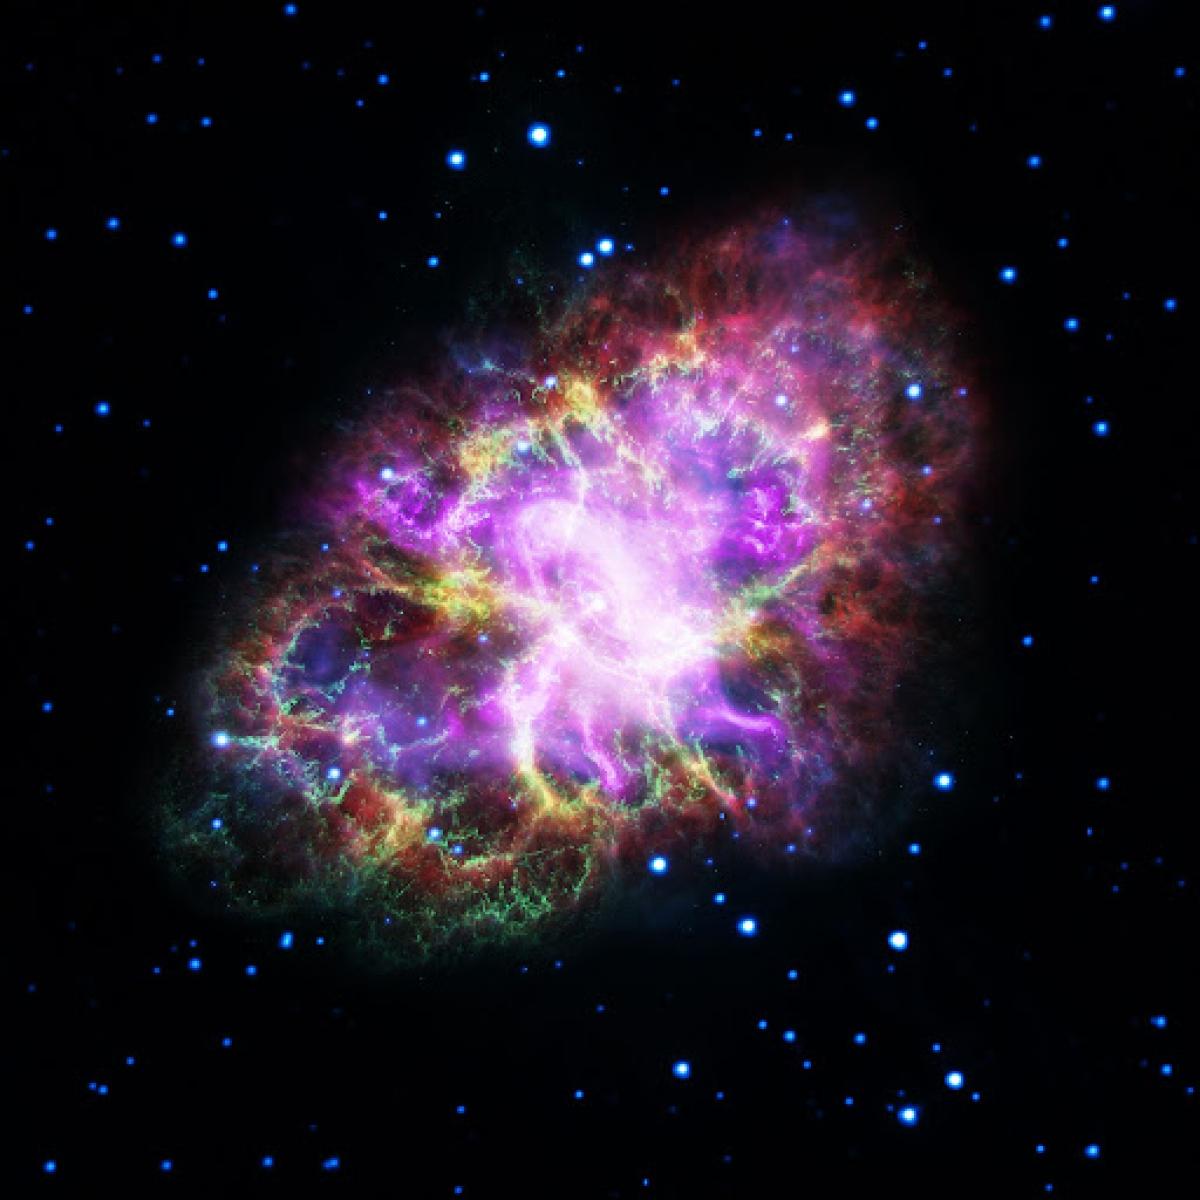 Hình ảnh ấn tượng của Tinh vân Con Cua thuộc chòm sao Kim Ngưu.